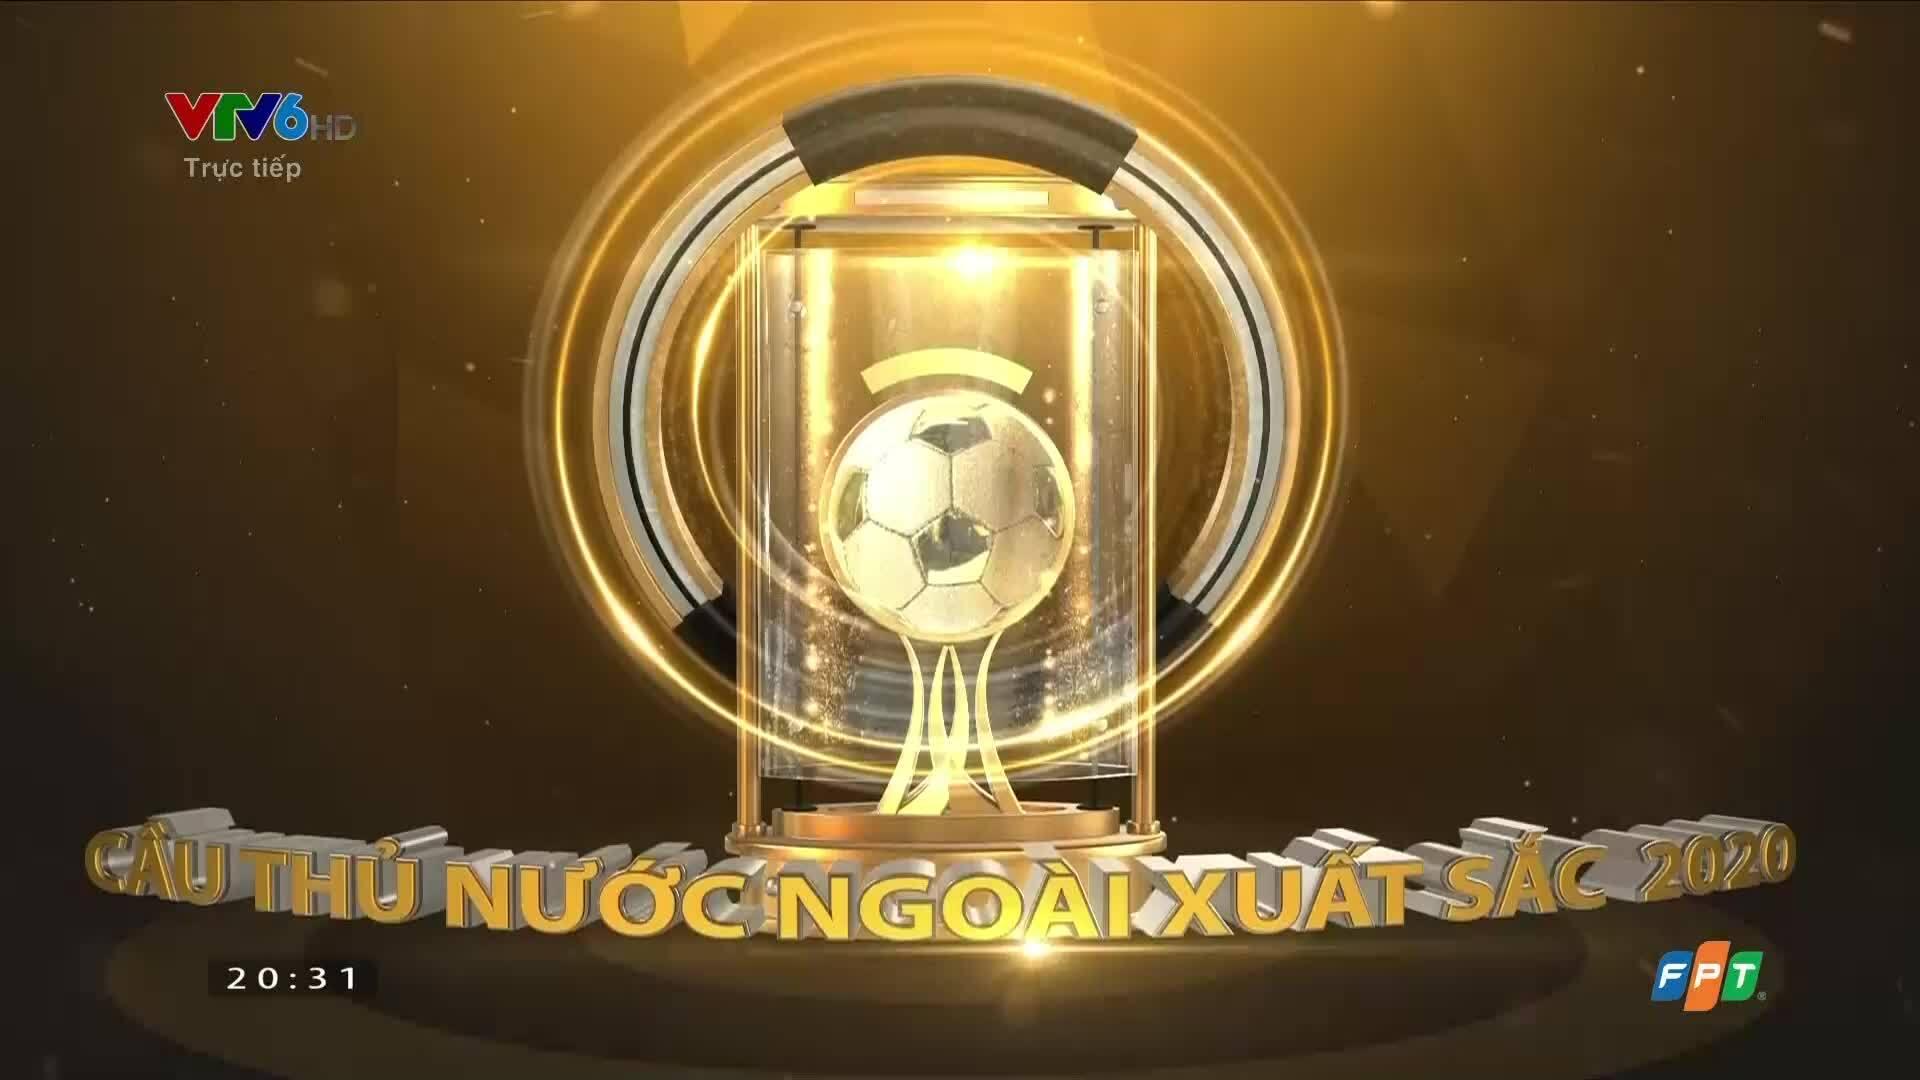 Tiền đạo Bruno Cantanhede đoạt Cầu thủ ngoại xuất sắc